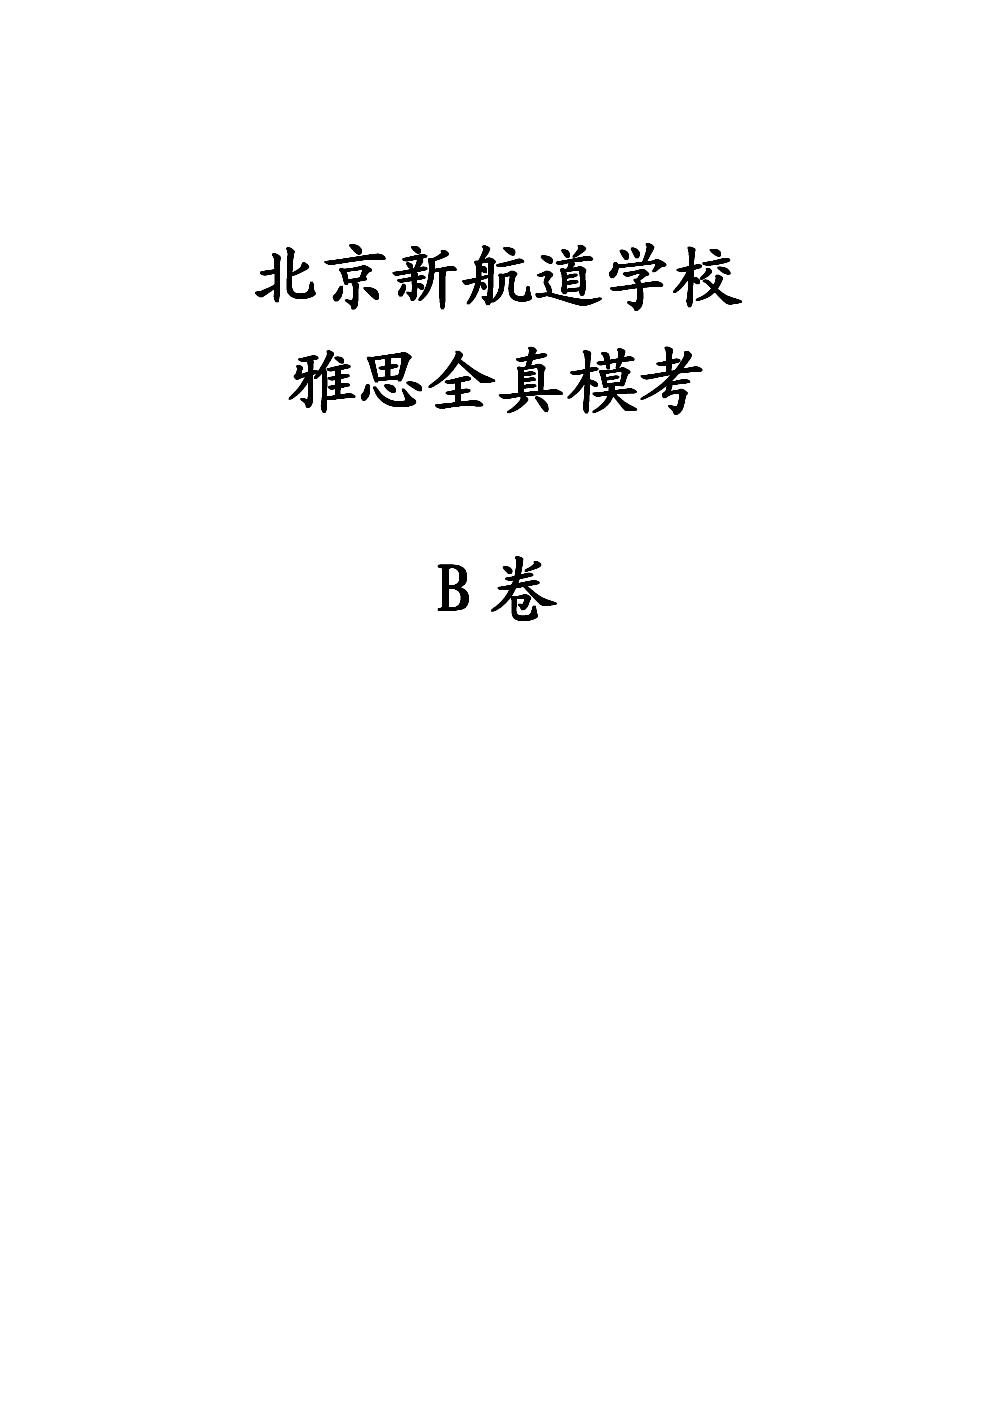 北京新航道雅思全真模考试题B卷.doc